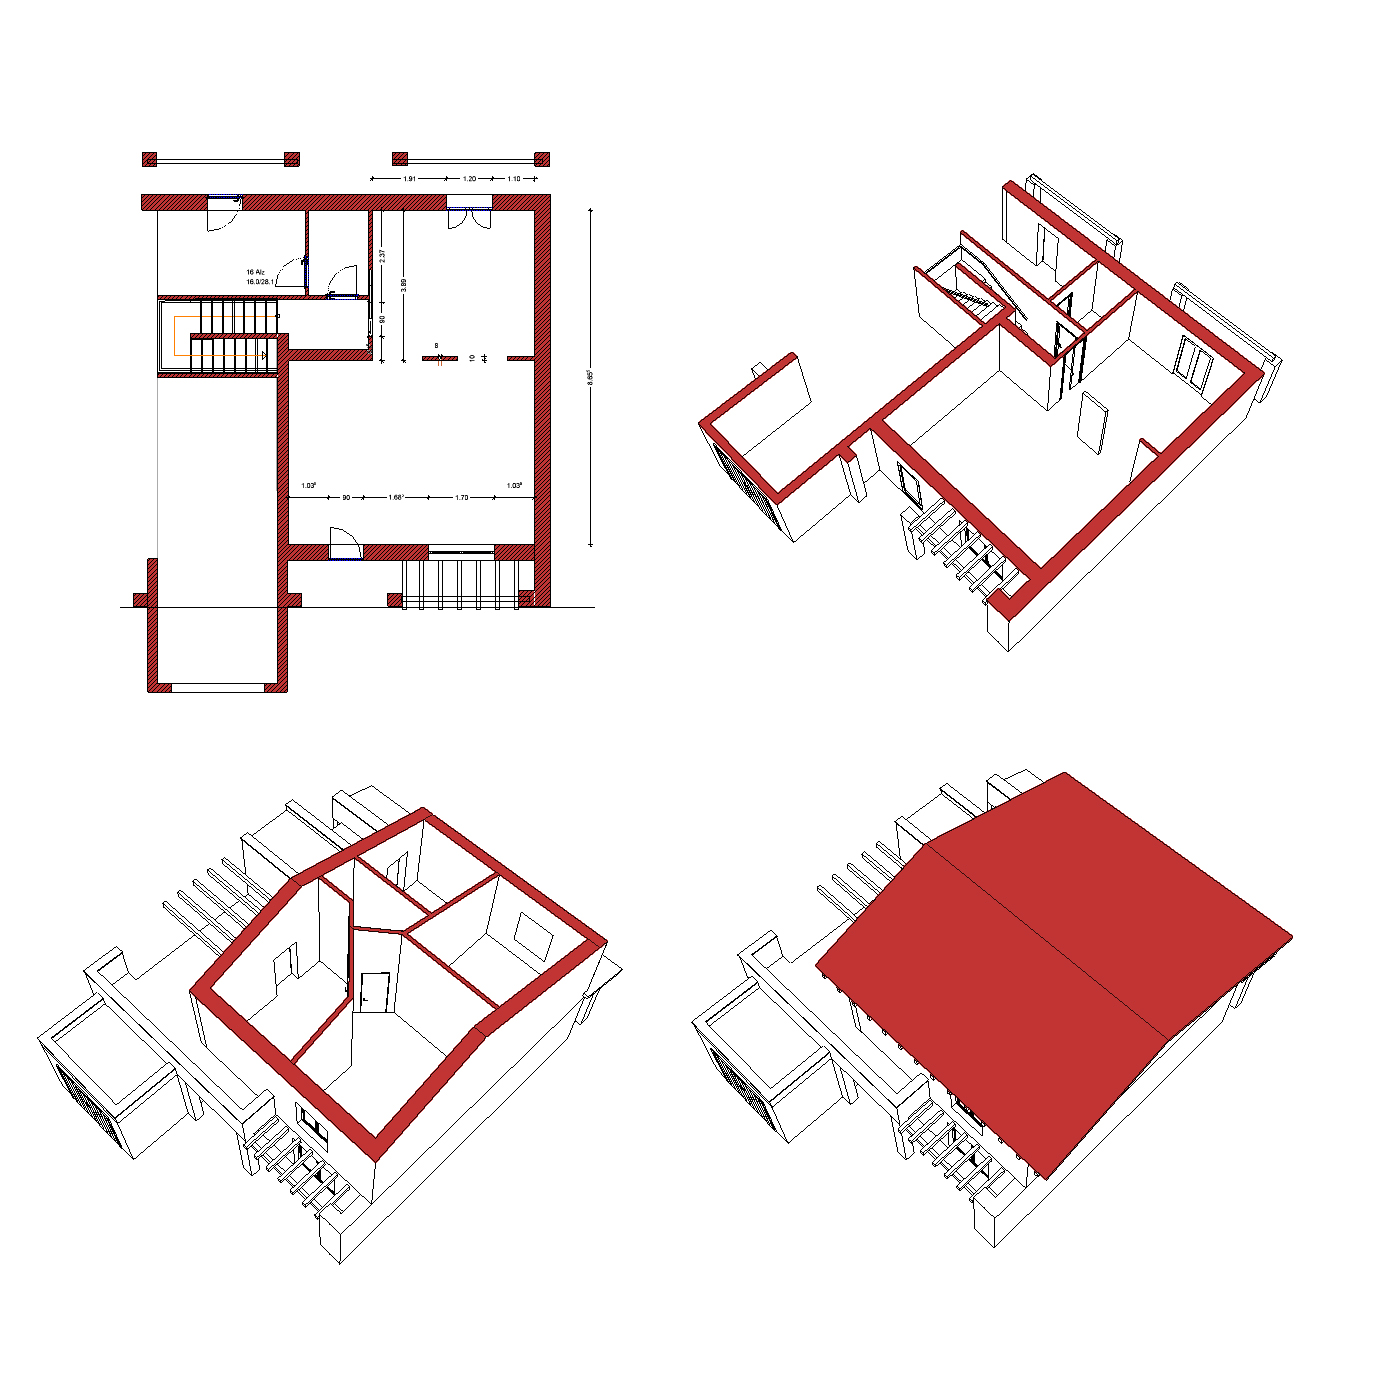 Consulenza architetto costo for Consulenza architetto online